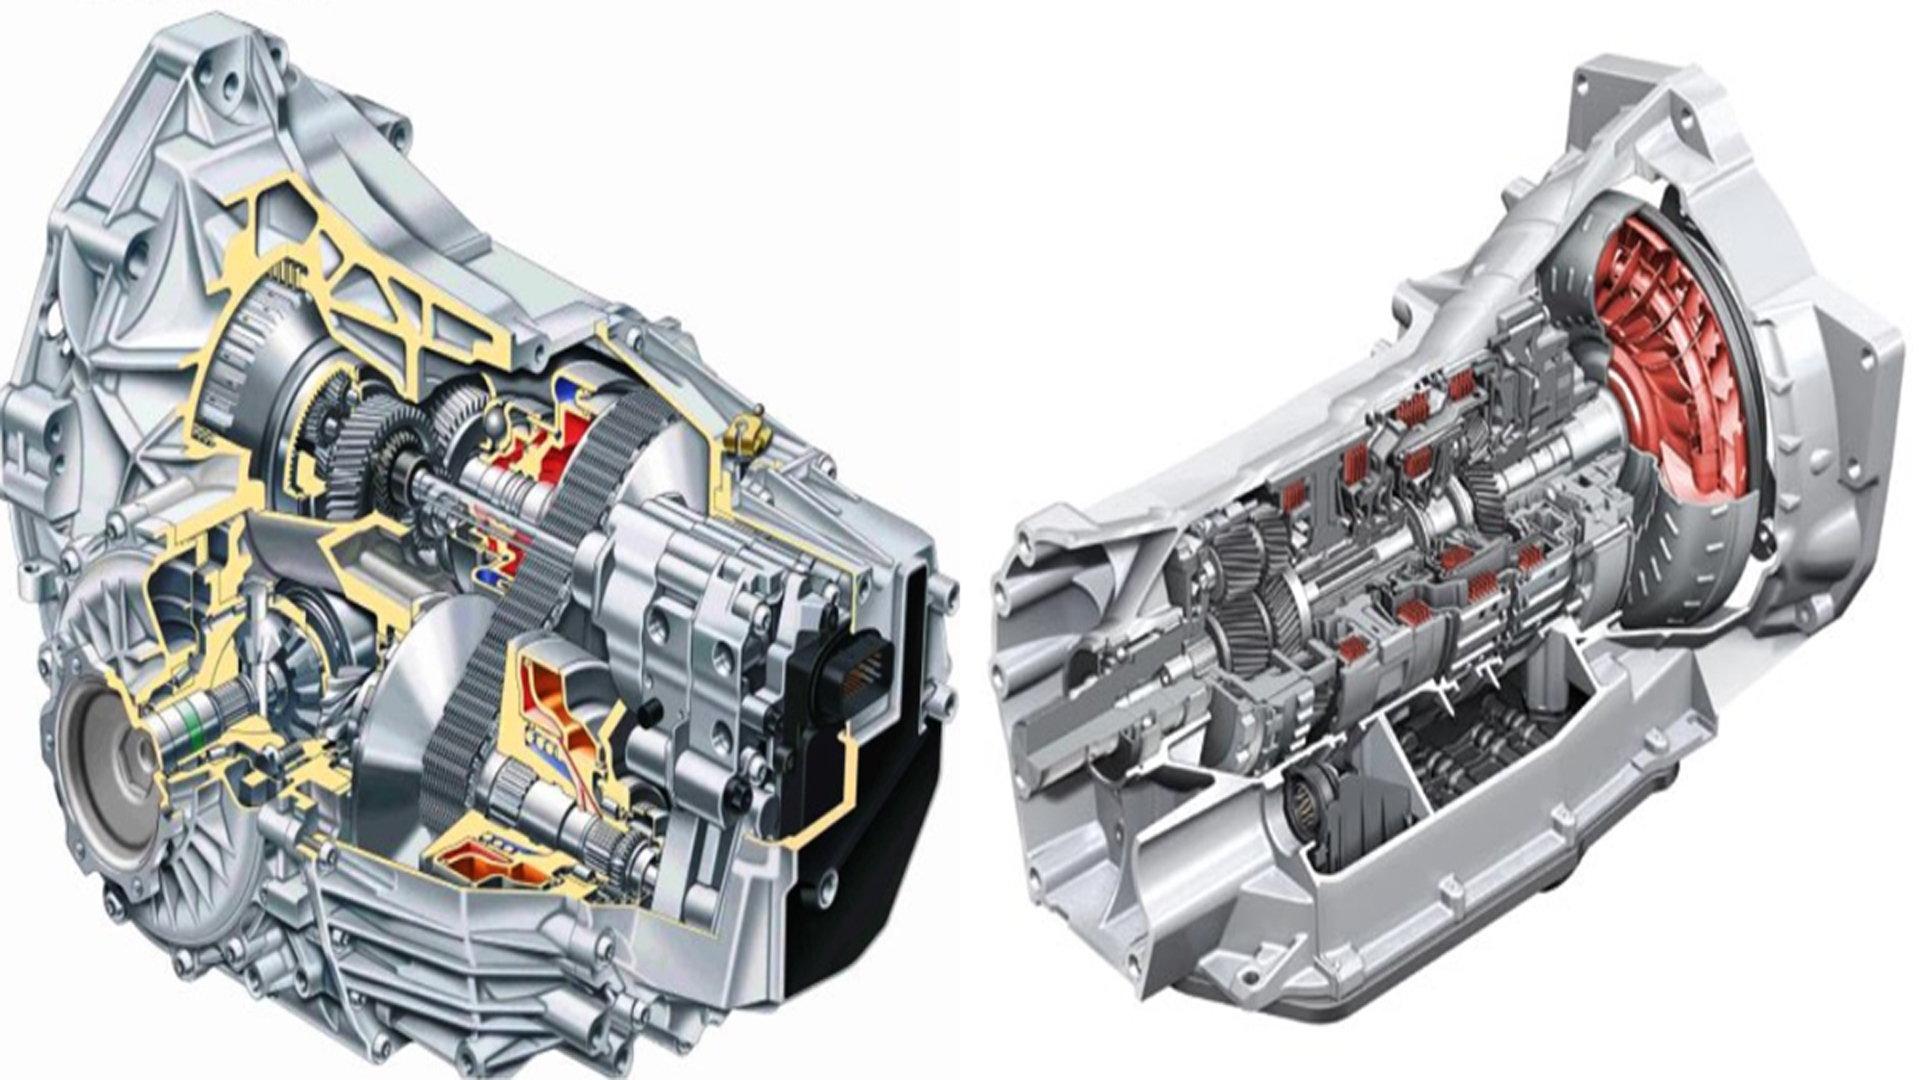 Kelebihan Kekurangan Audi Multitronic Harga